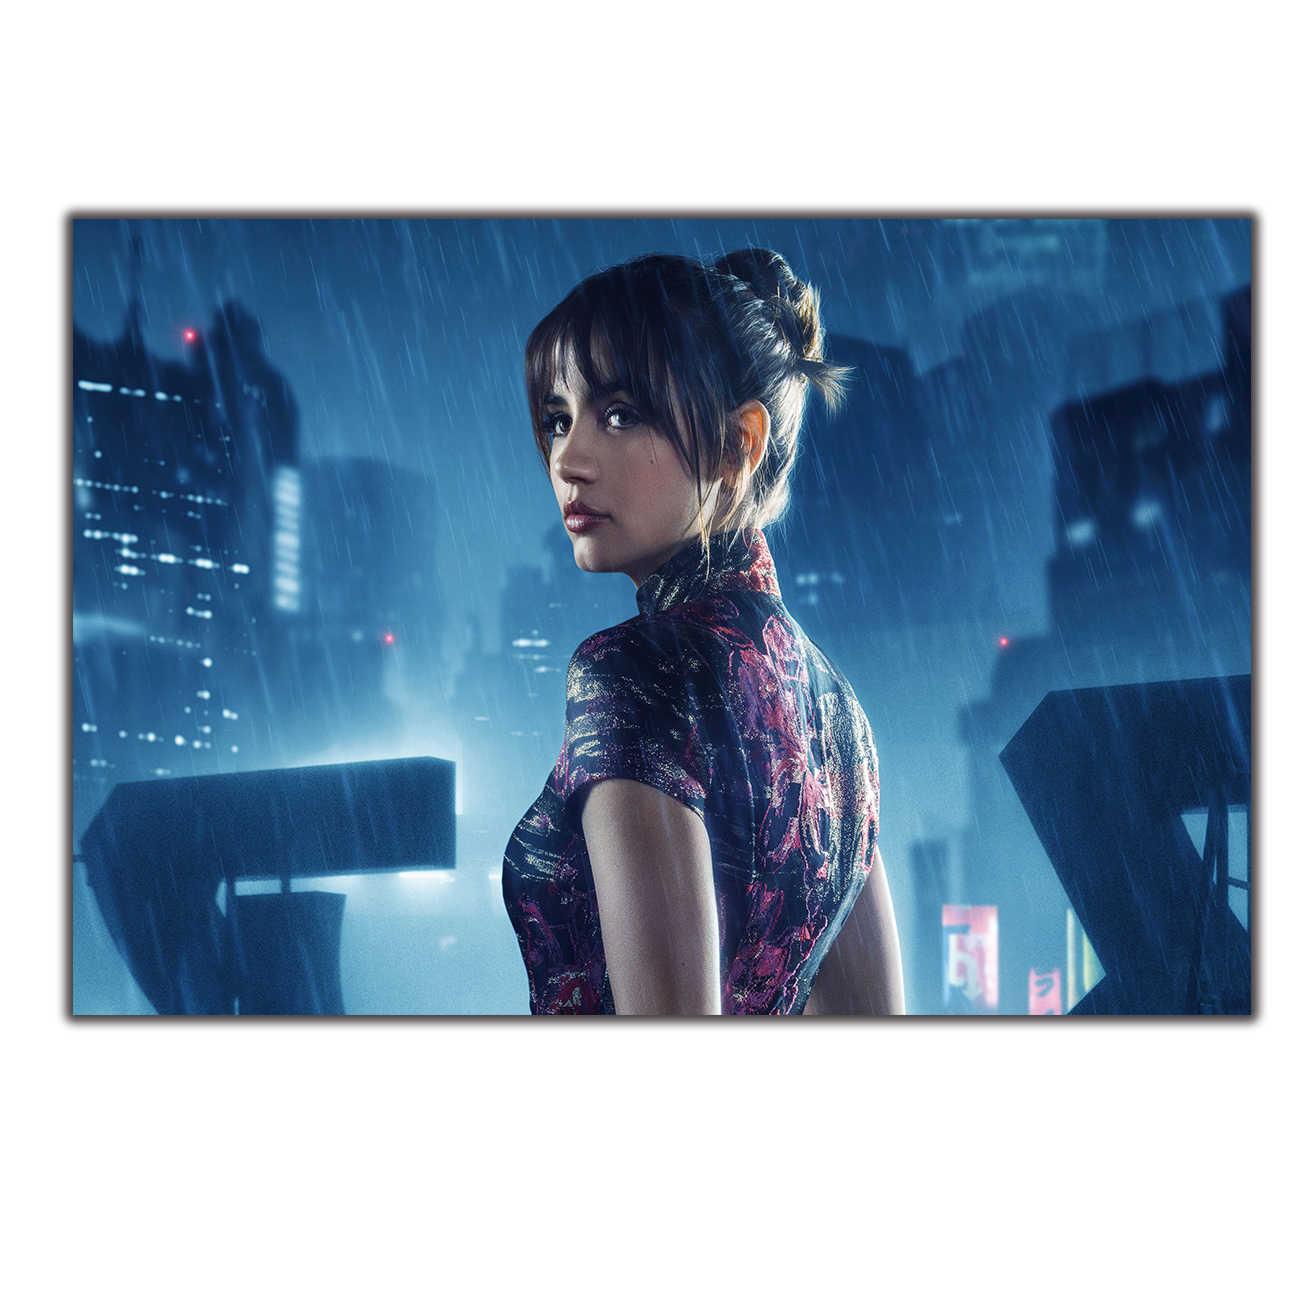 Details about  /Costom Poster Ana de Armas Blade Runner Movie 12x18 27x40 Art Silk